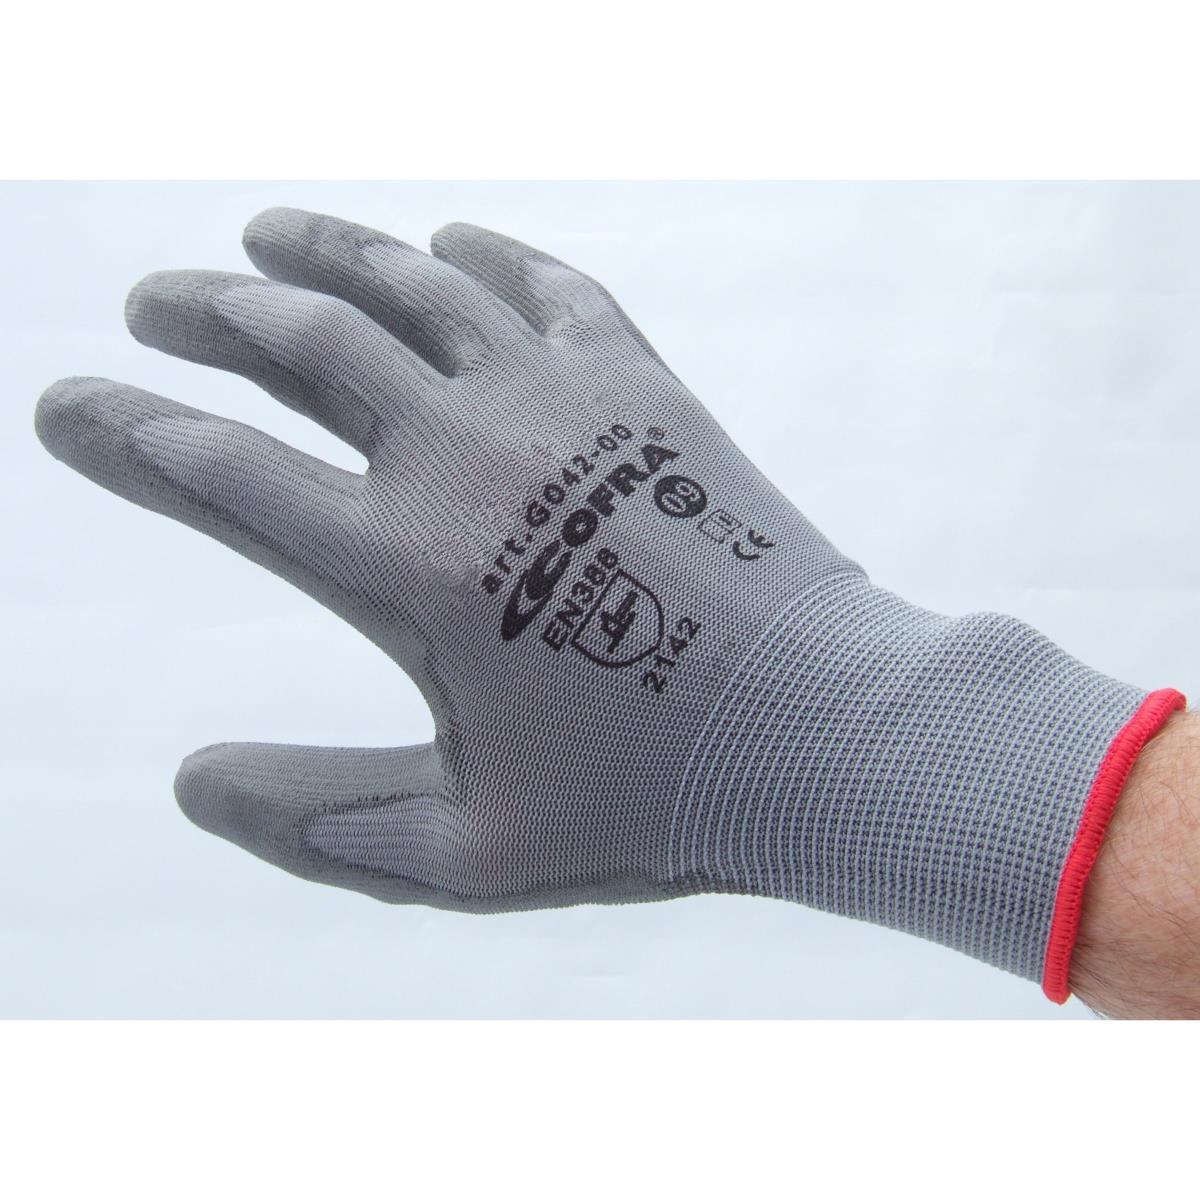 gants de travail seconde peau qualit pro taille 10. Black Bedroom Furniture Sets. Home Design Ideas